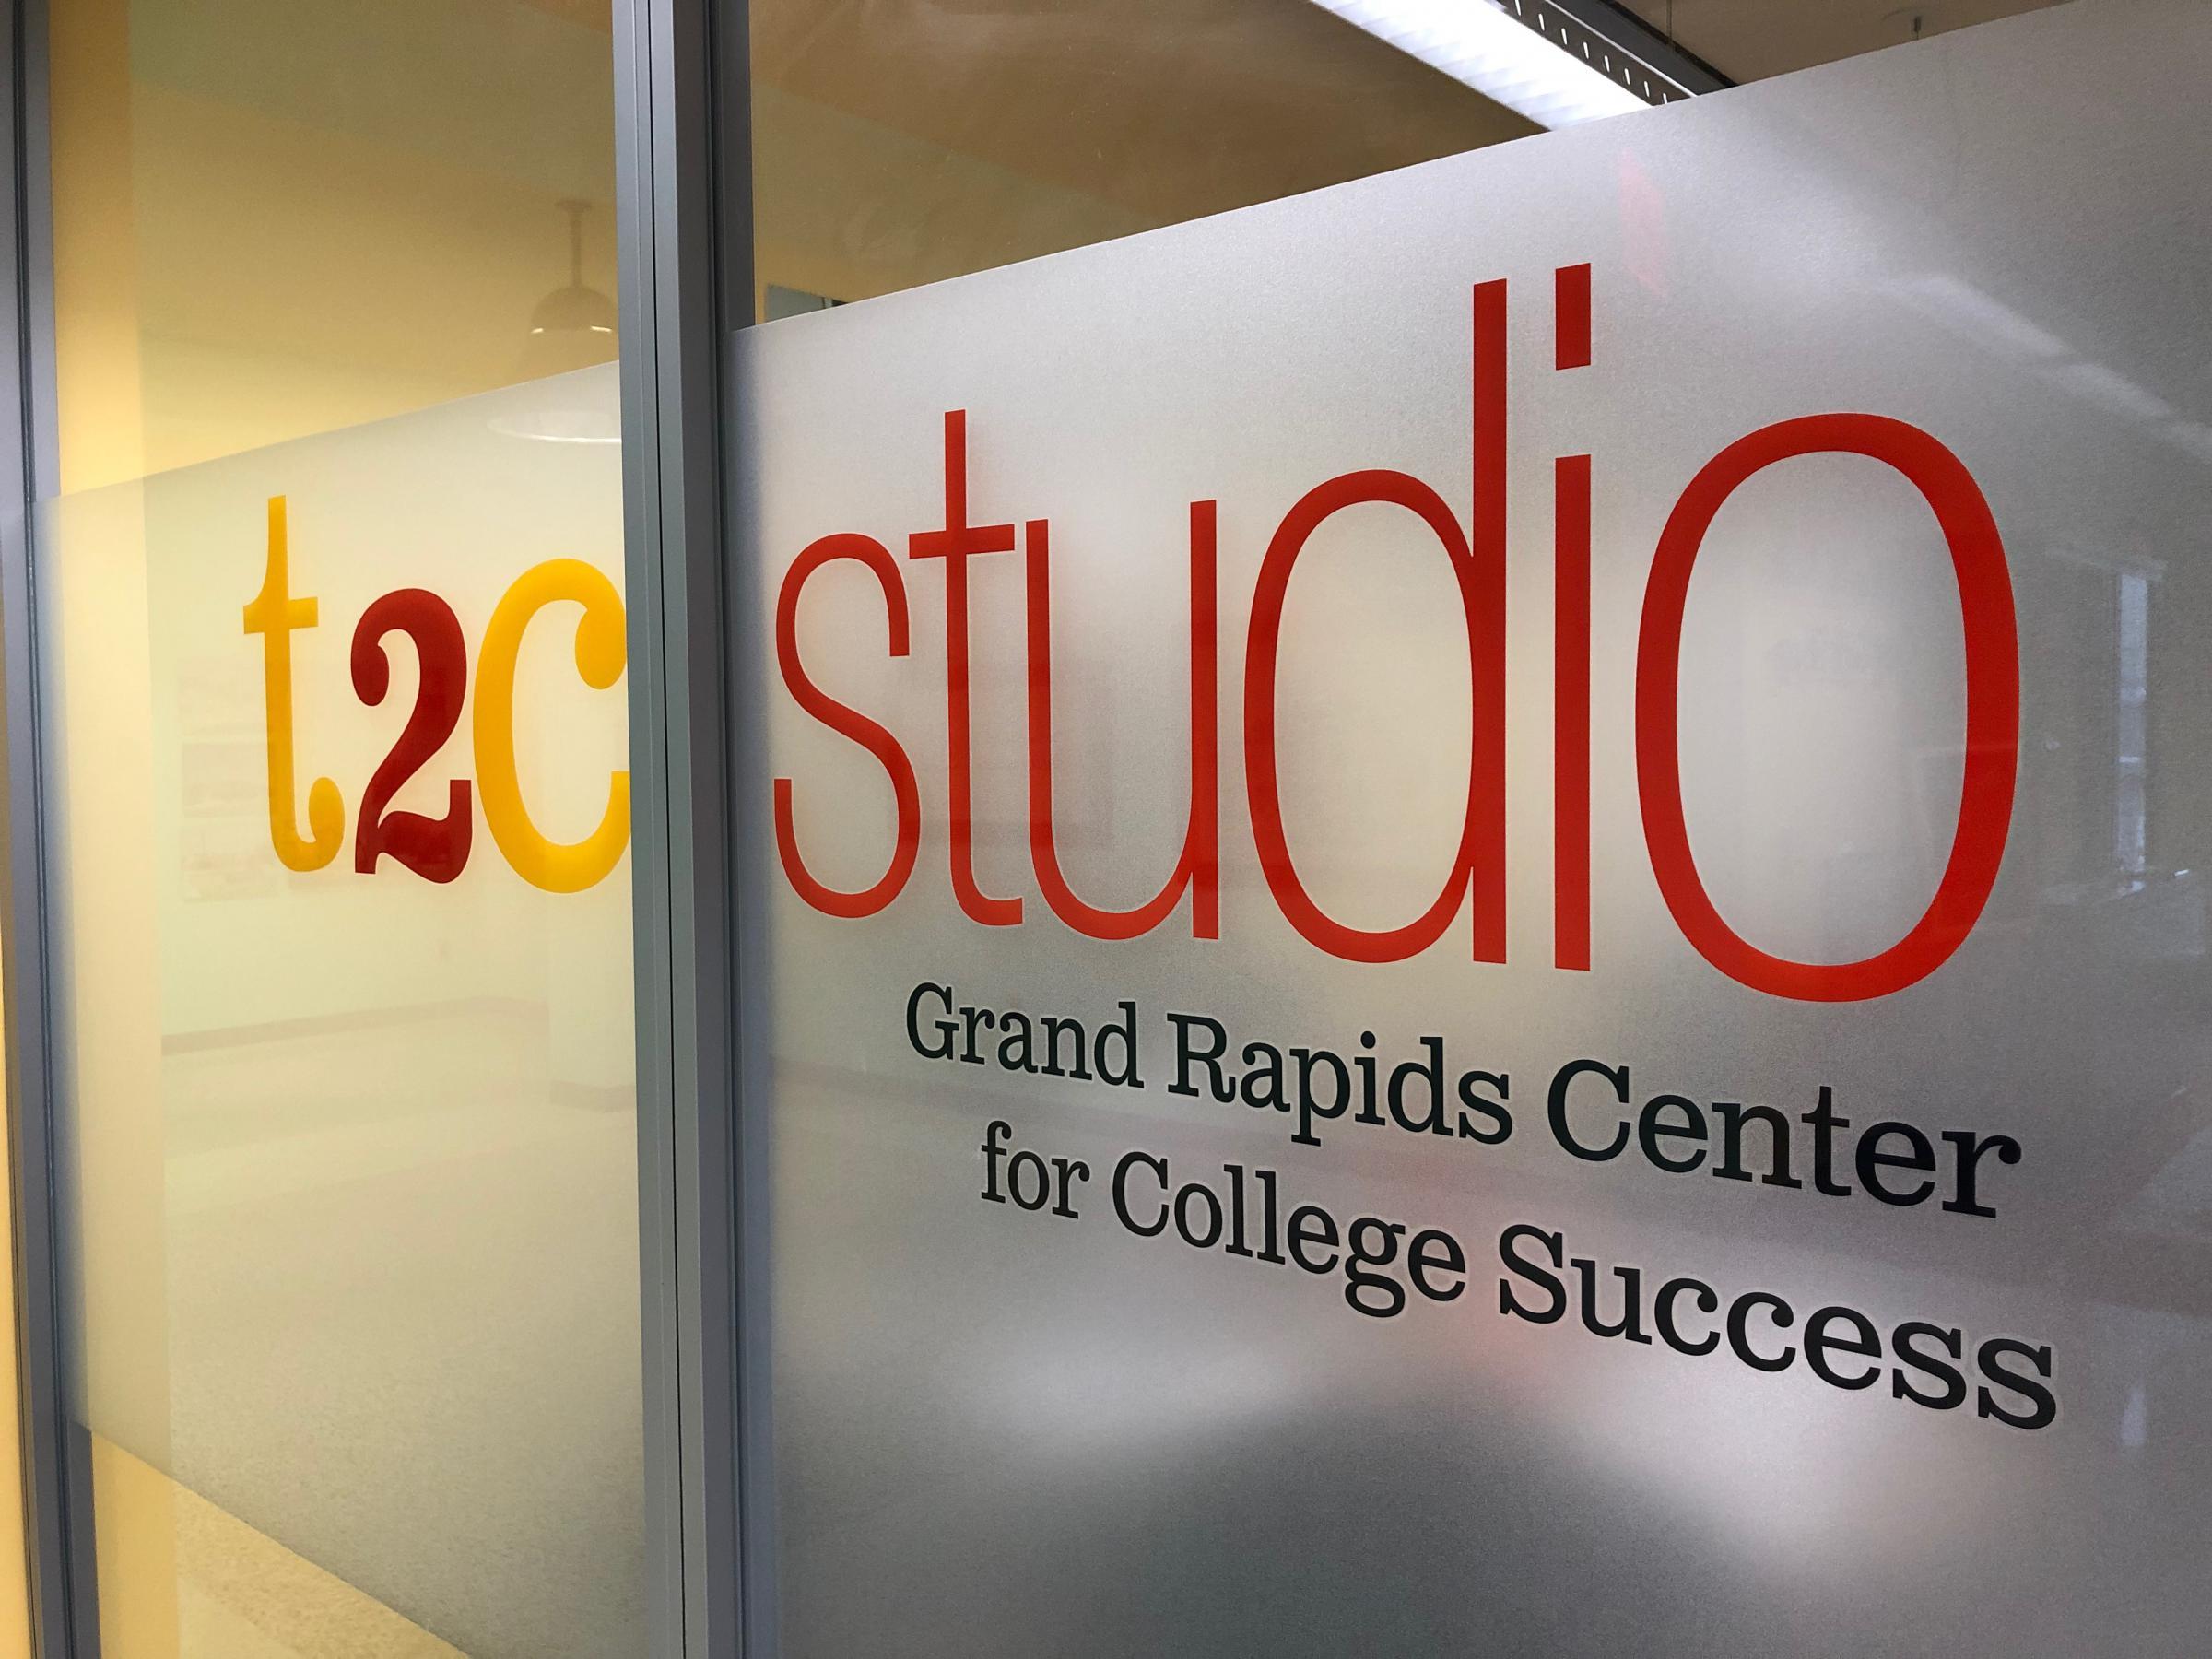 Grps College Success Program Awarded Grant | Wgvu For Grand Rapids City High School Calendar